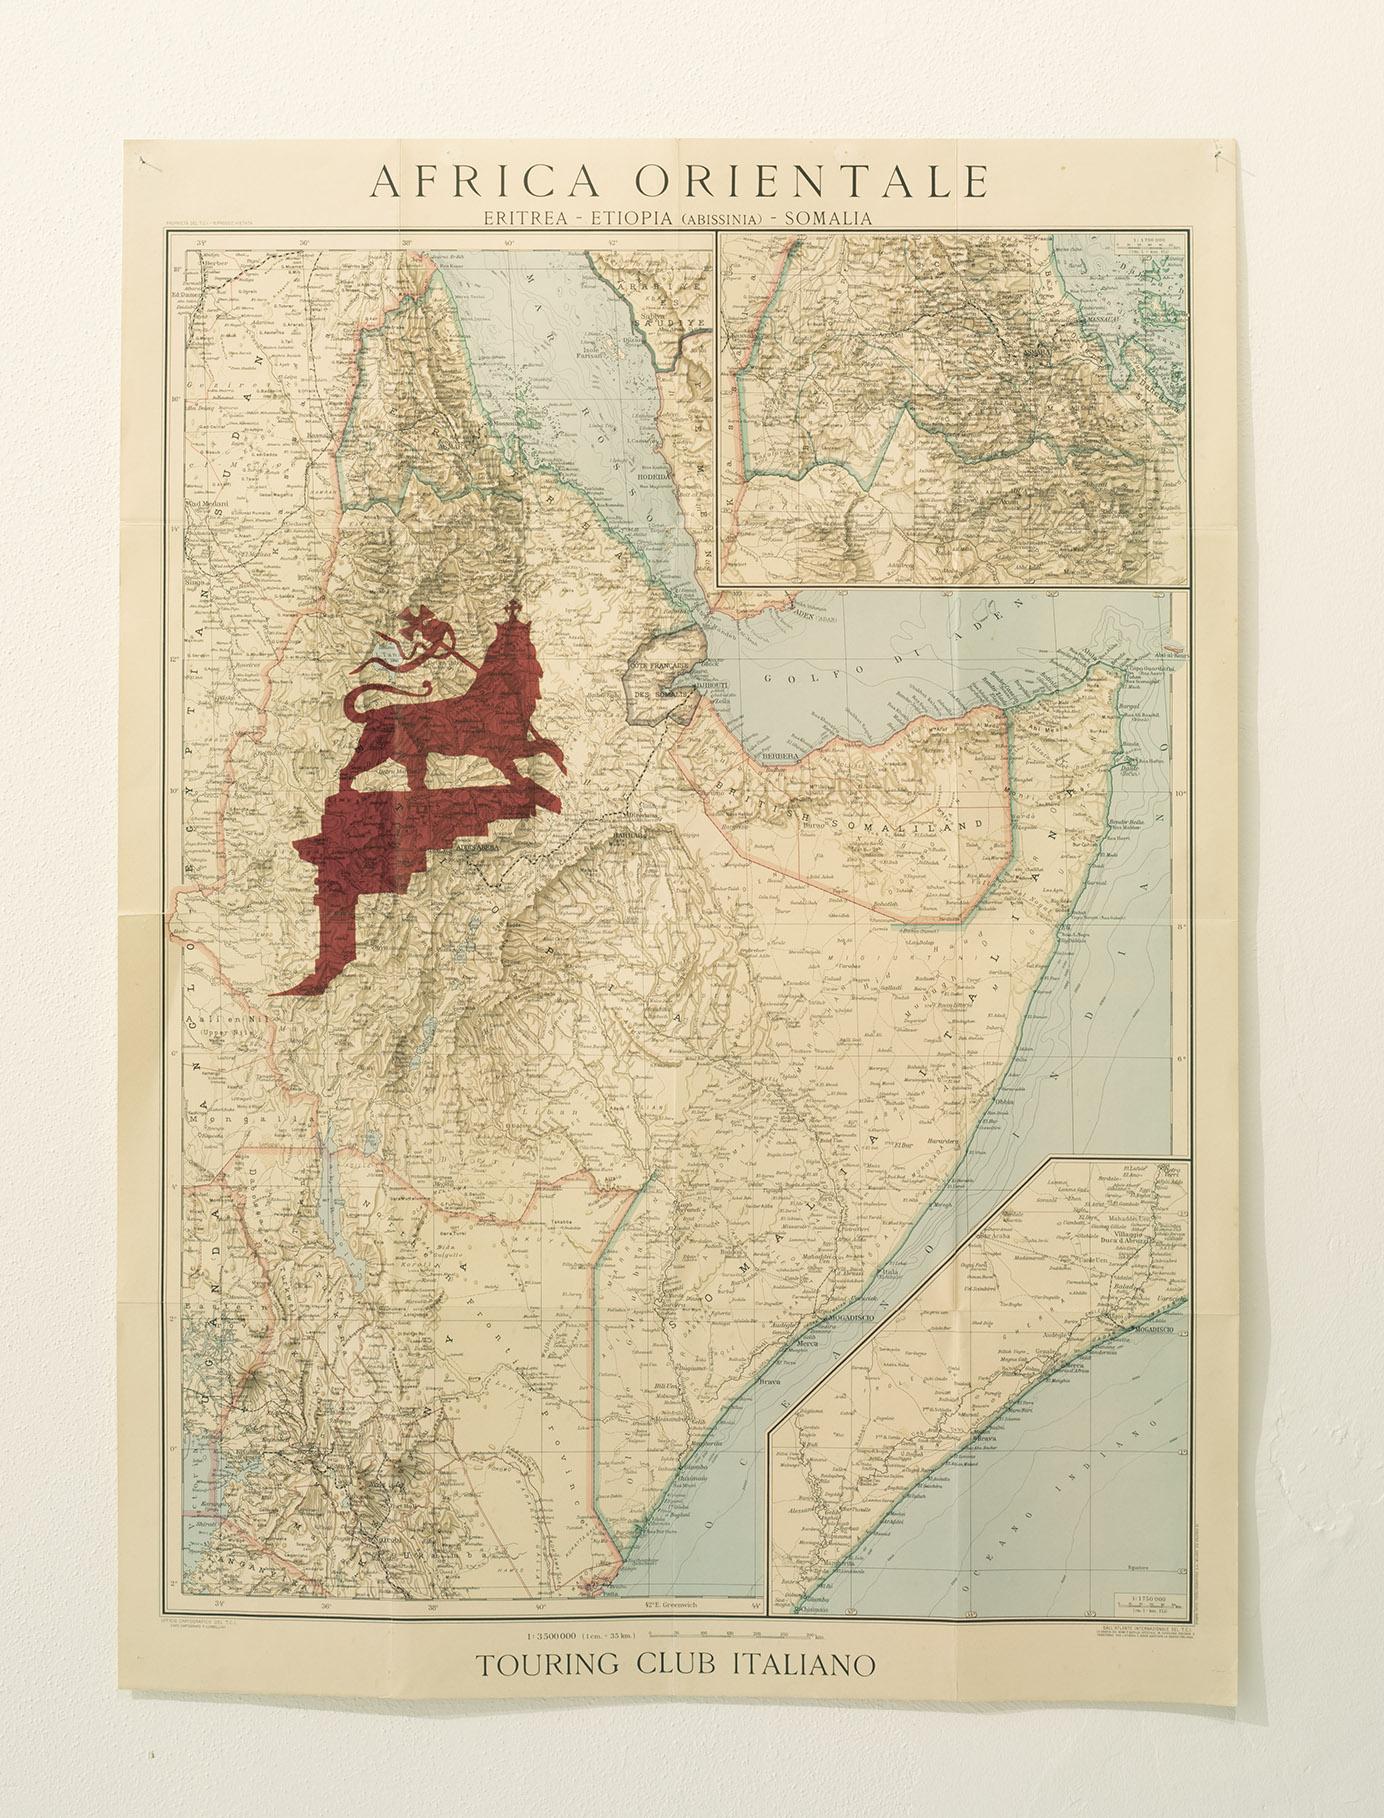 Stampa diretta su cartina originale 1936 70x90